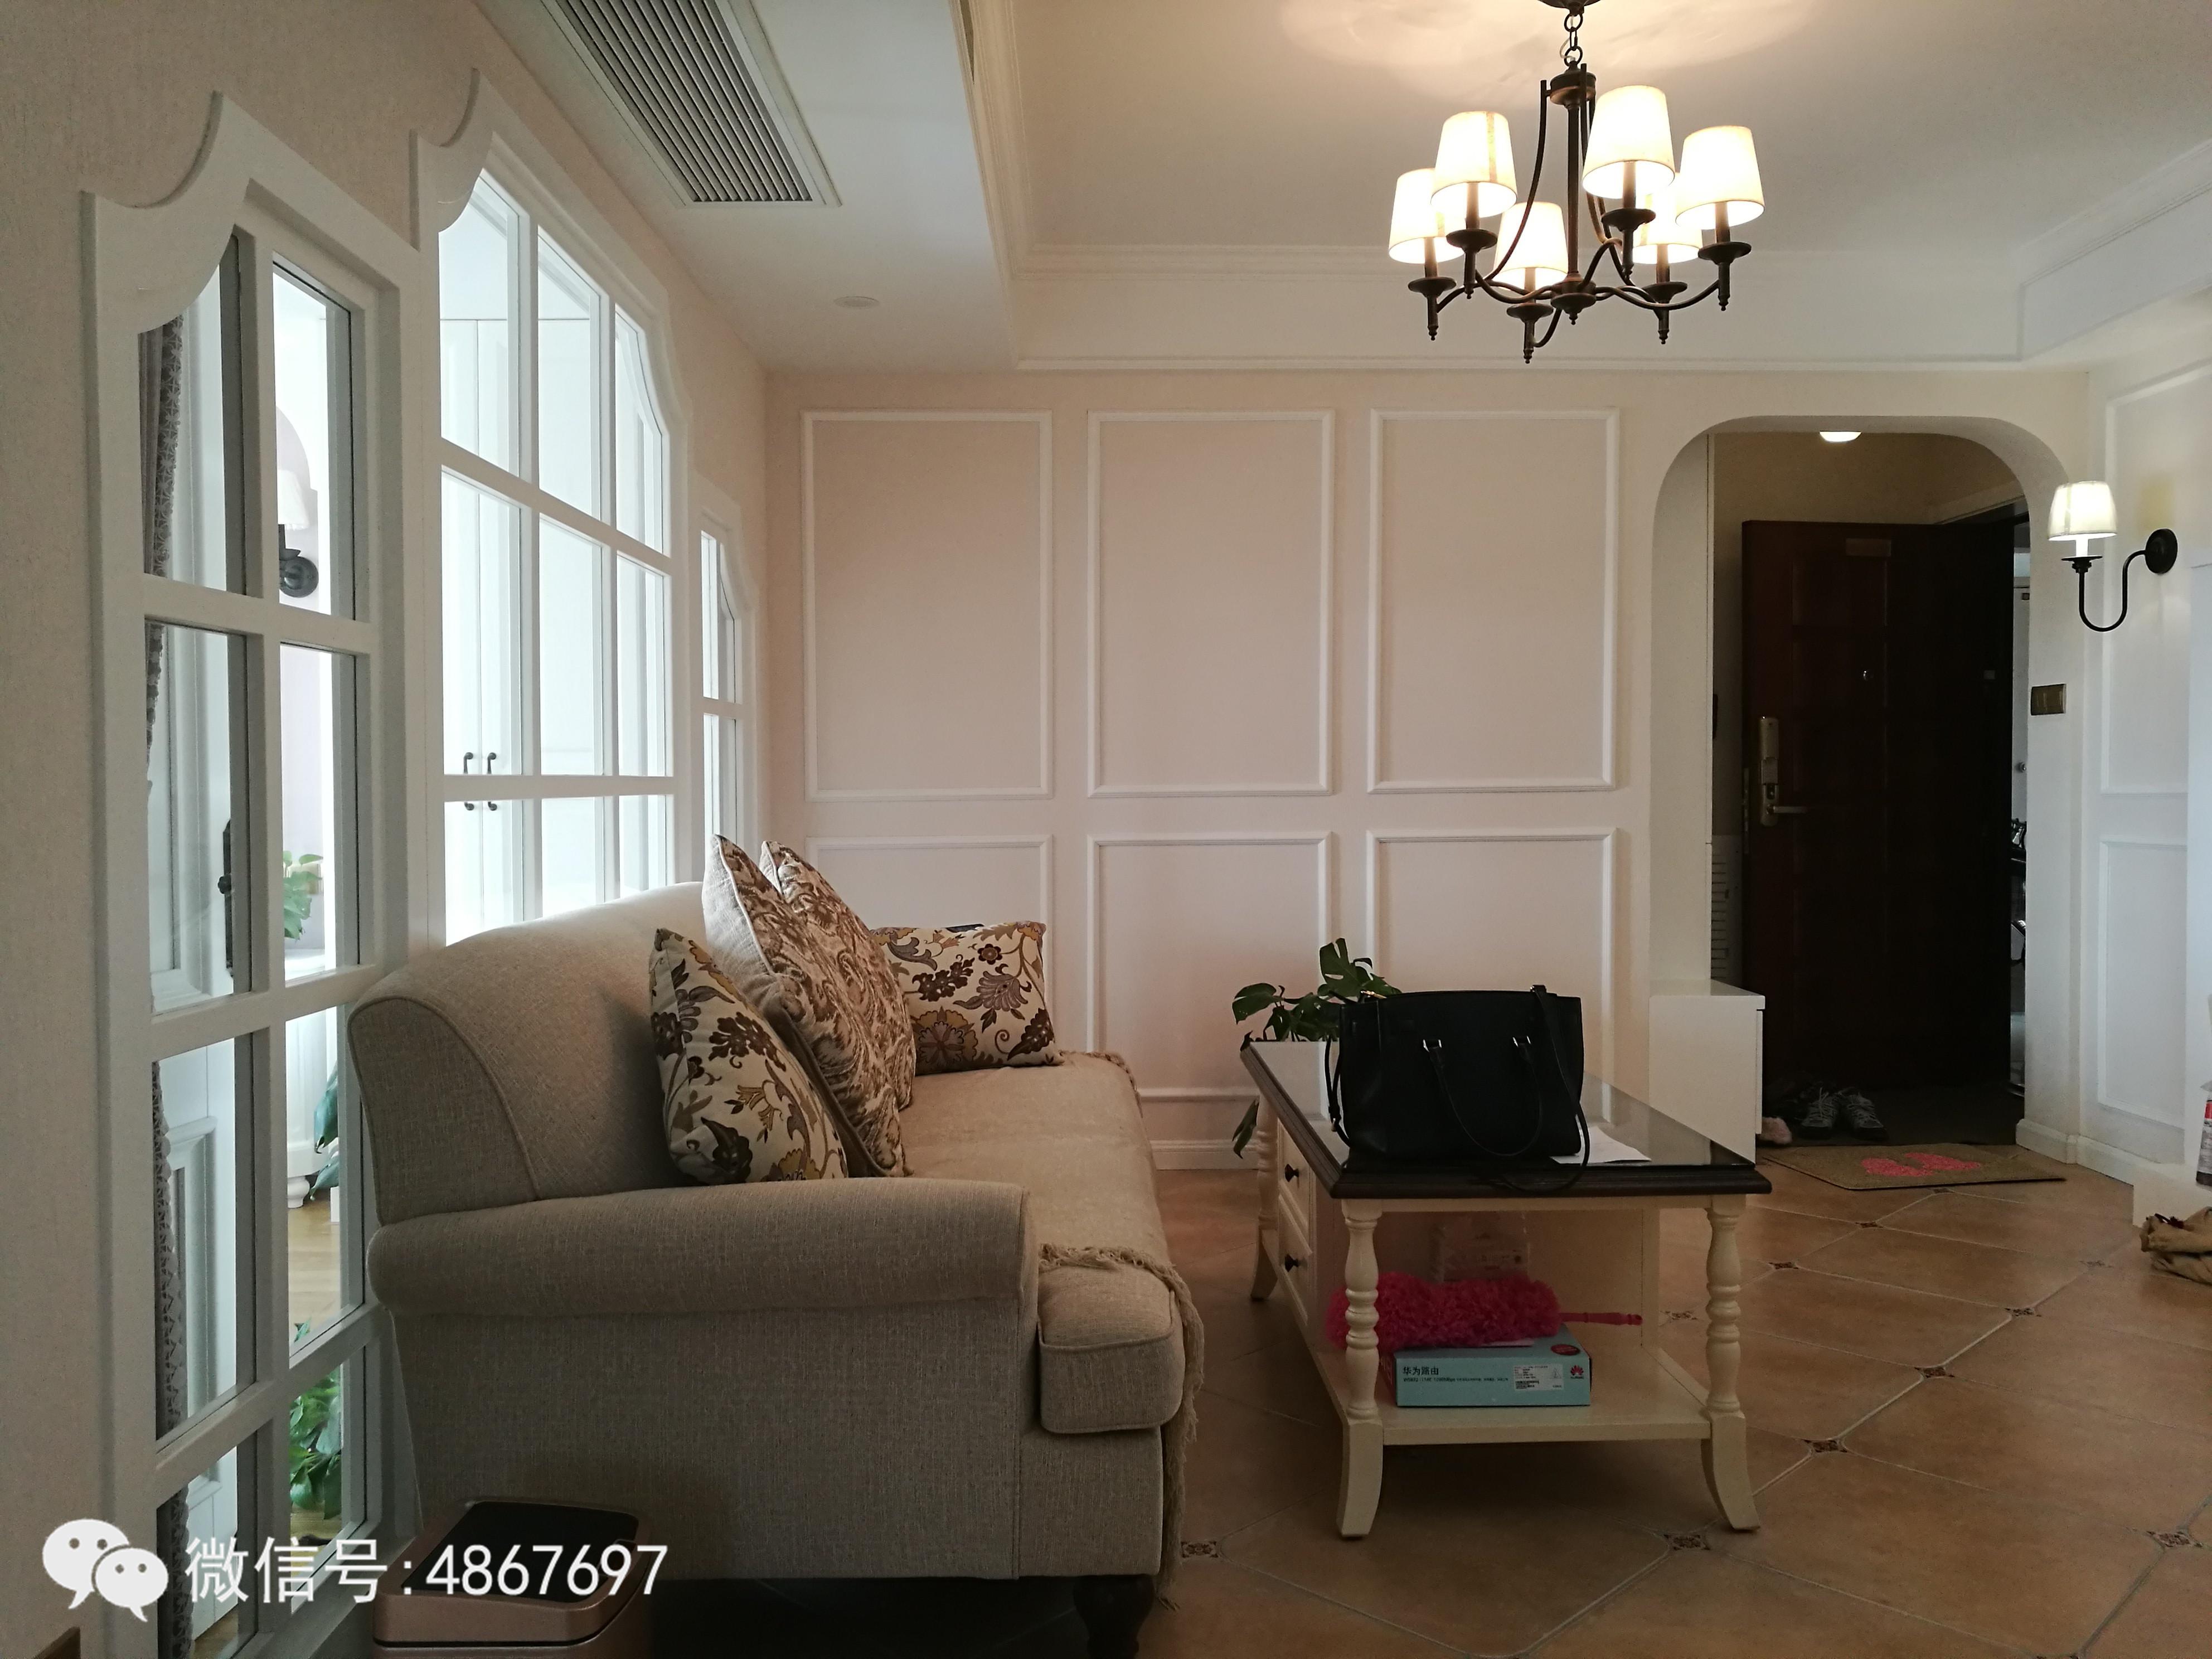 72平两室一厅,设计的美式风格,装修清单